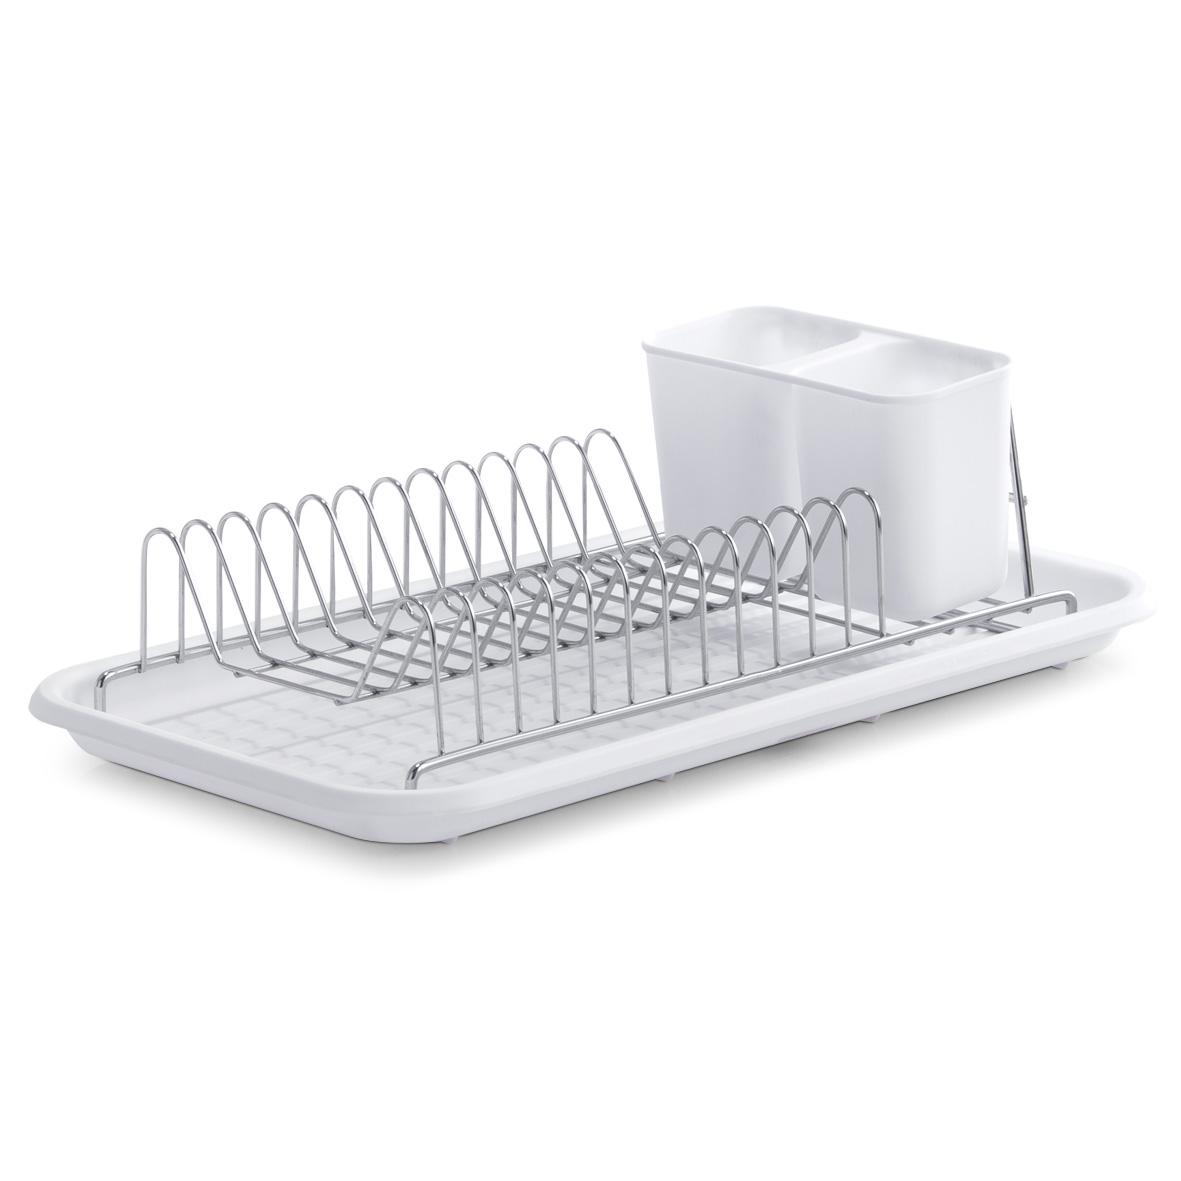 Подставка для сушки посуды 44х24х12см белая 2489224892Подставка для сушки посуды 44х24х12см белая 24892